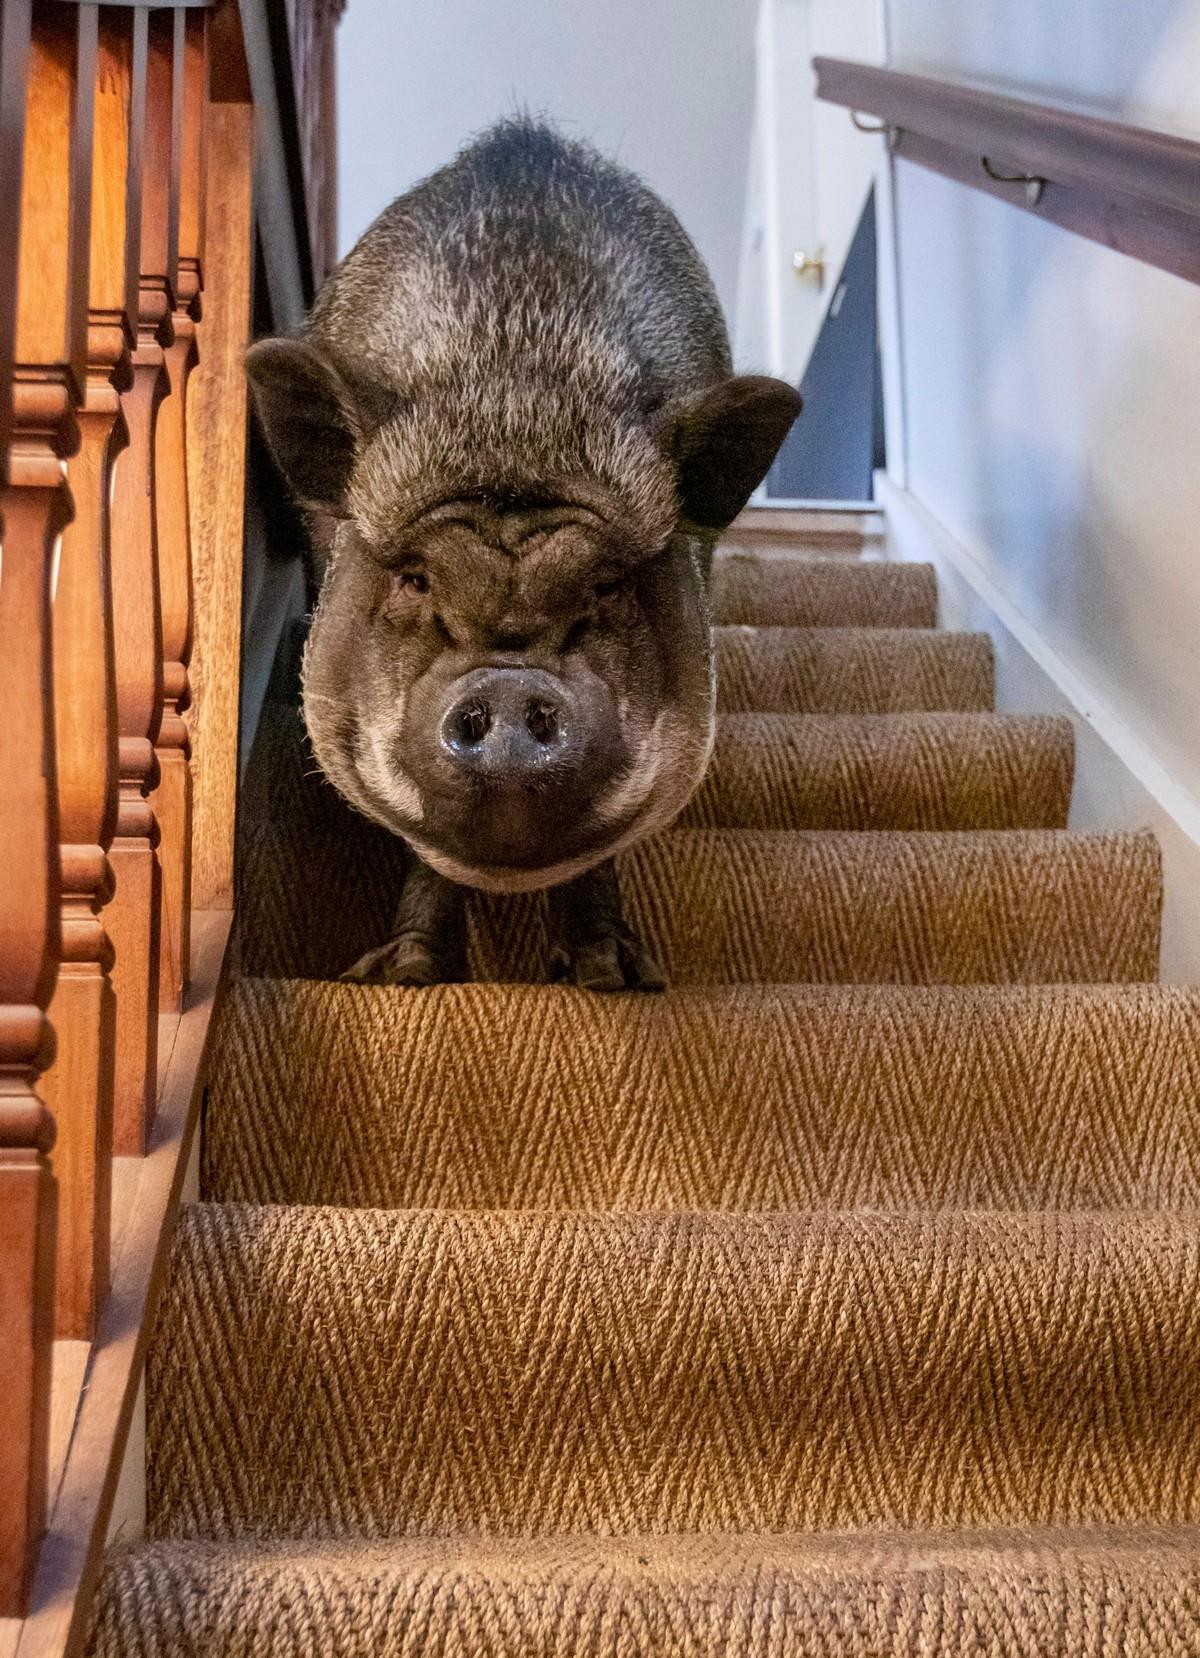 130-килограммовая свинья живет в доме, так как на улице слишком холодно